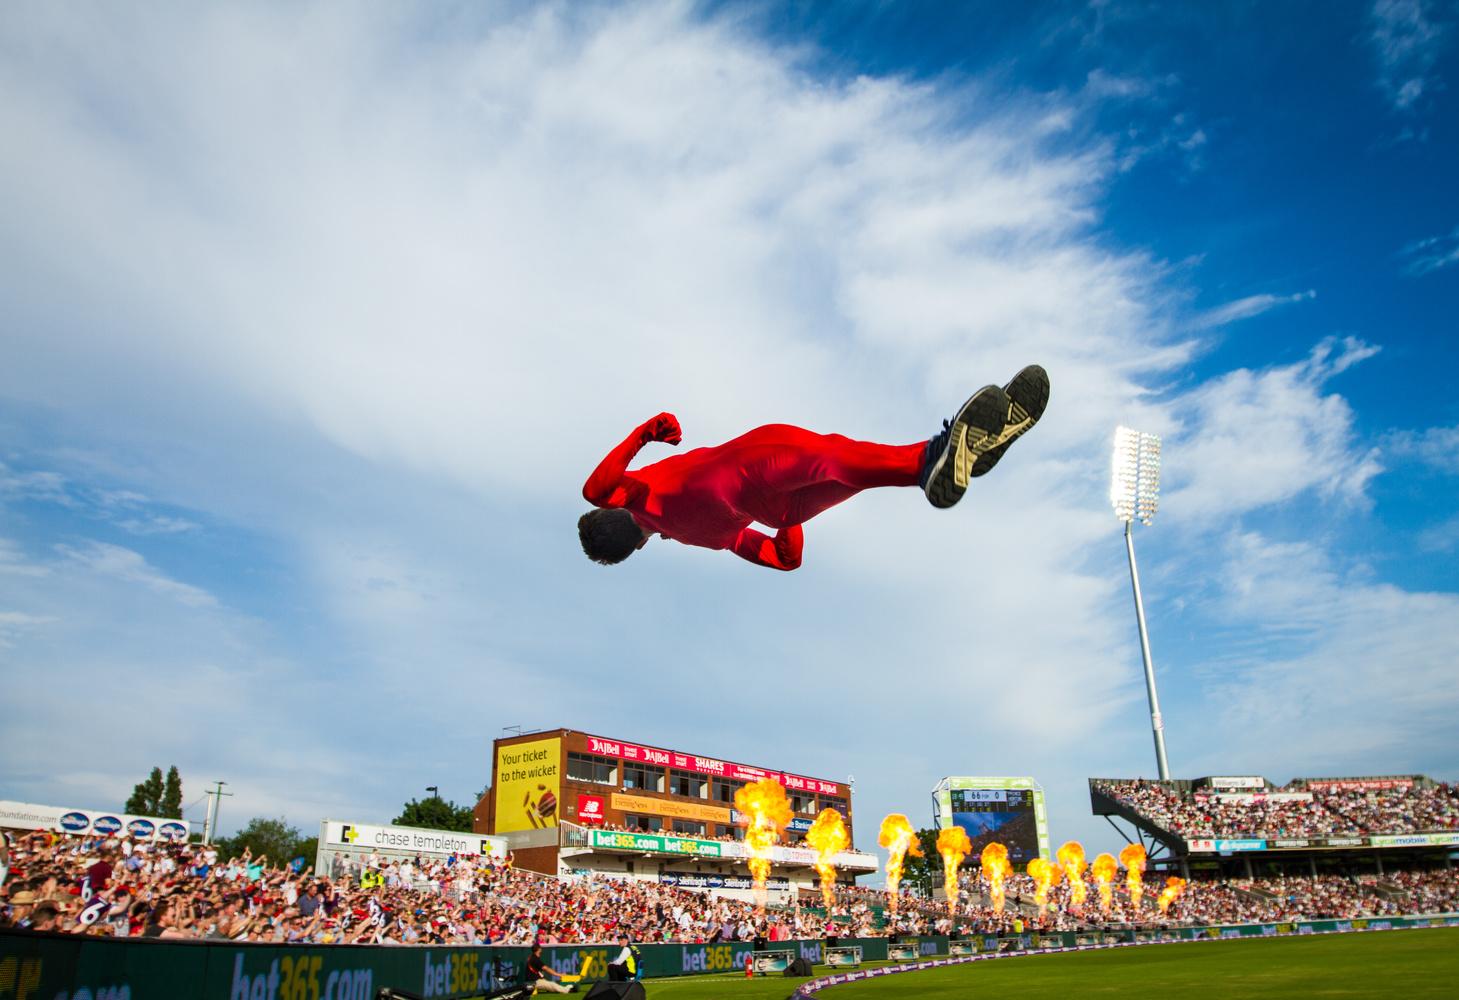 Acrobat mid air by Brad Wendes